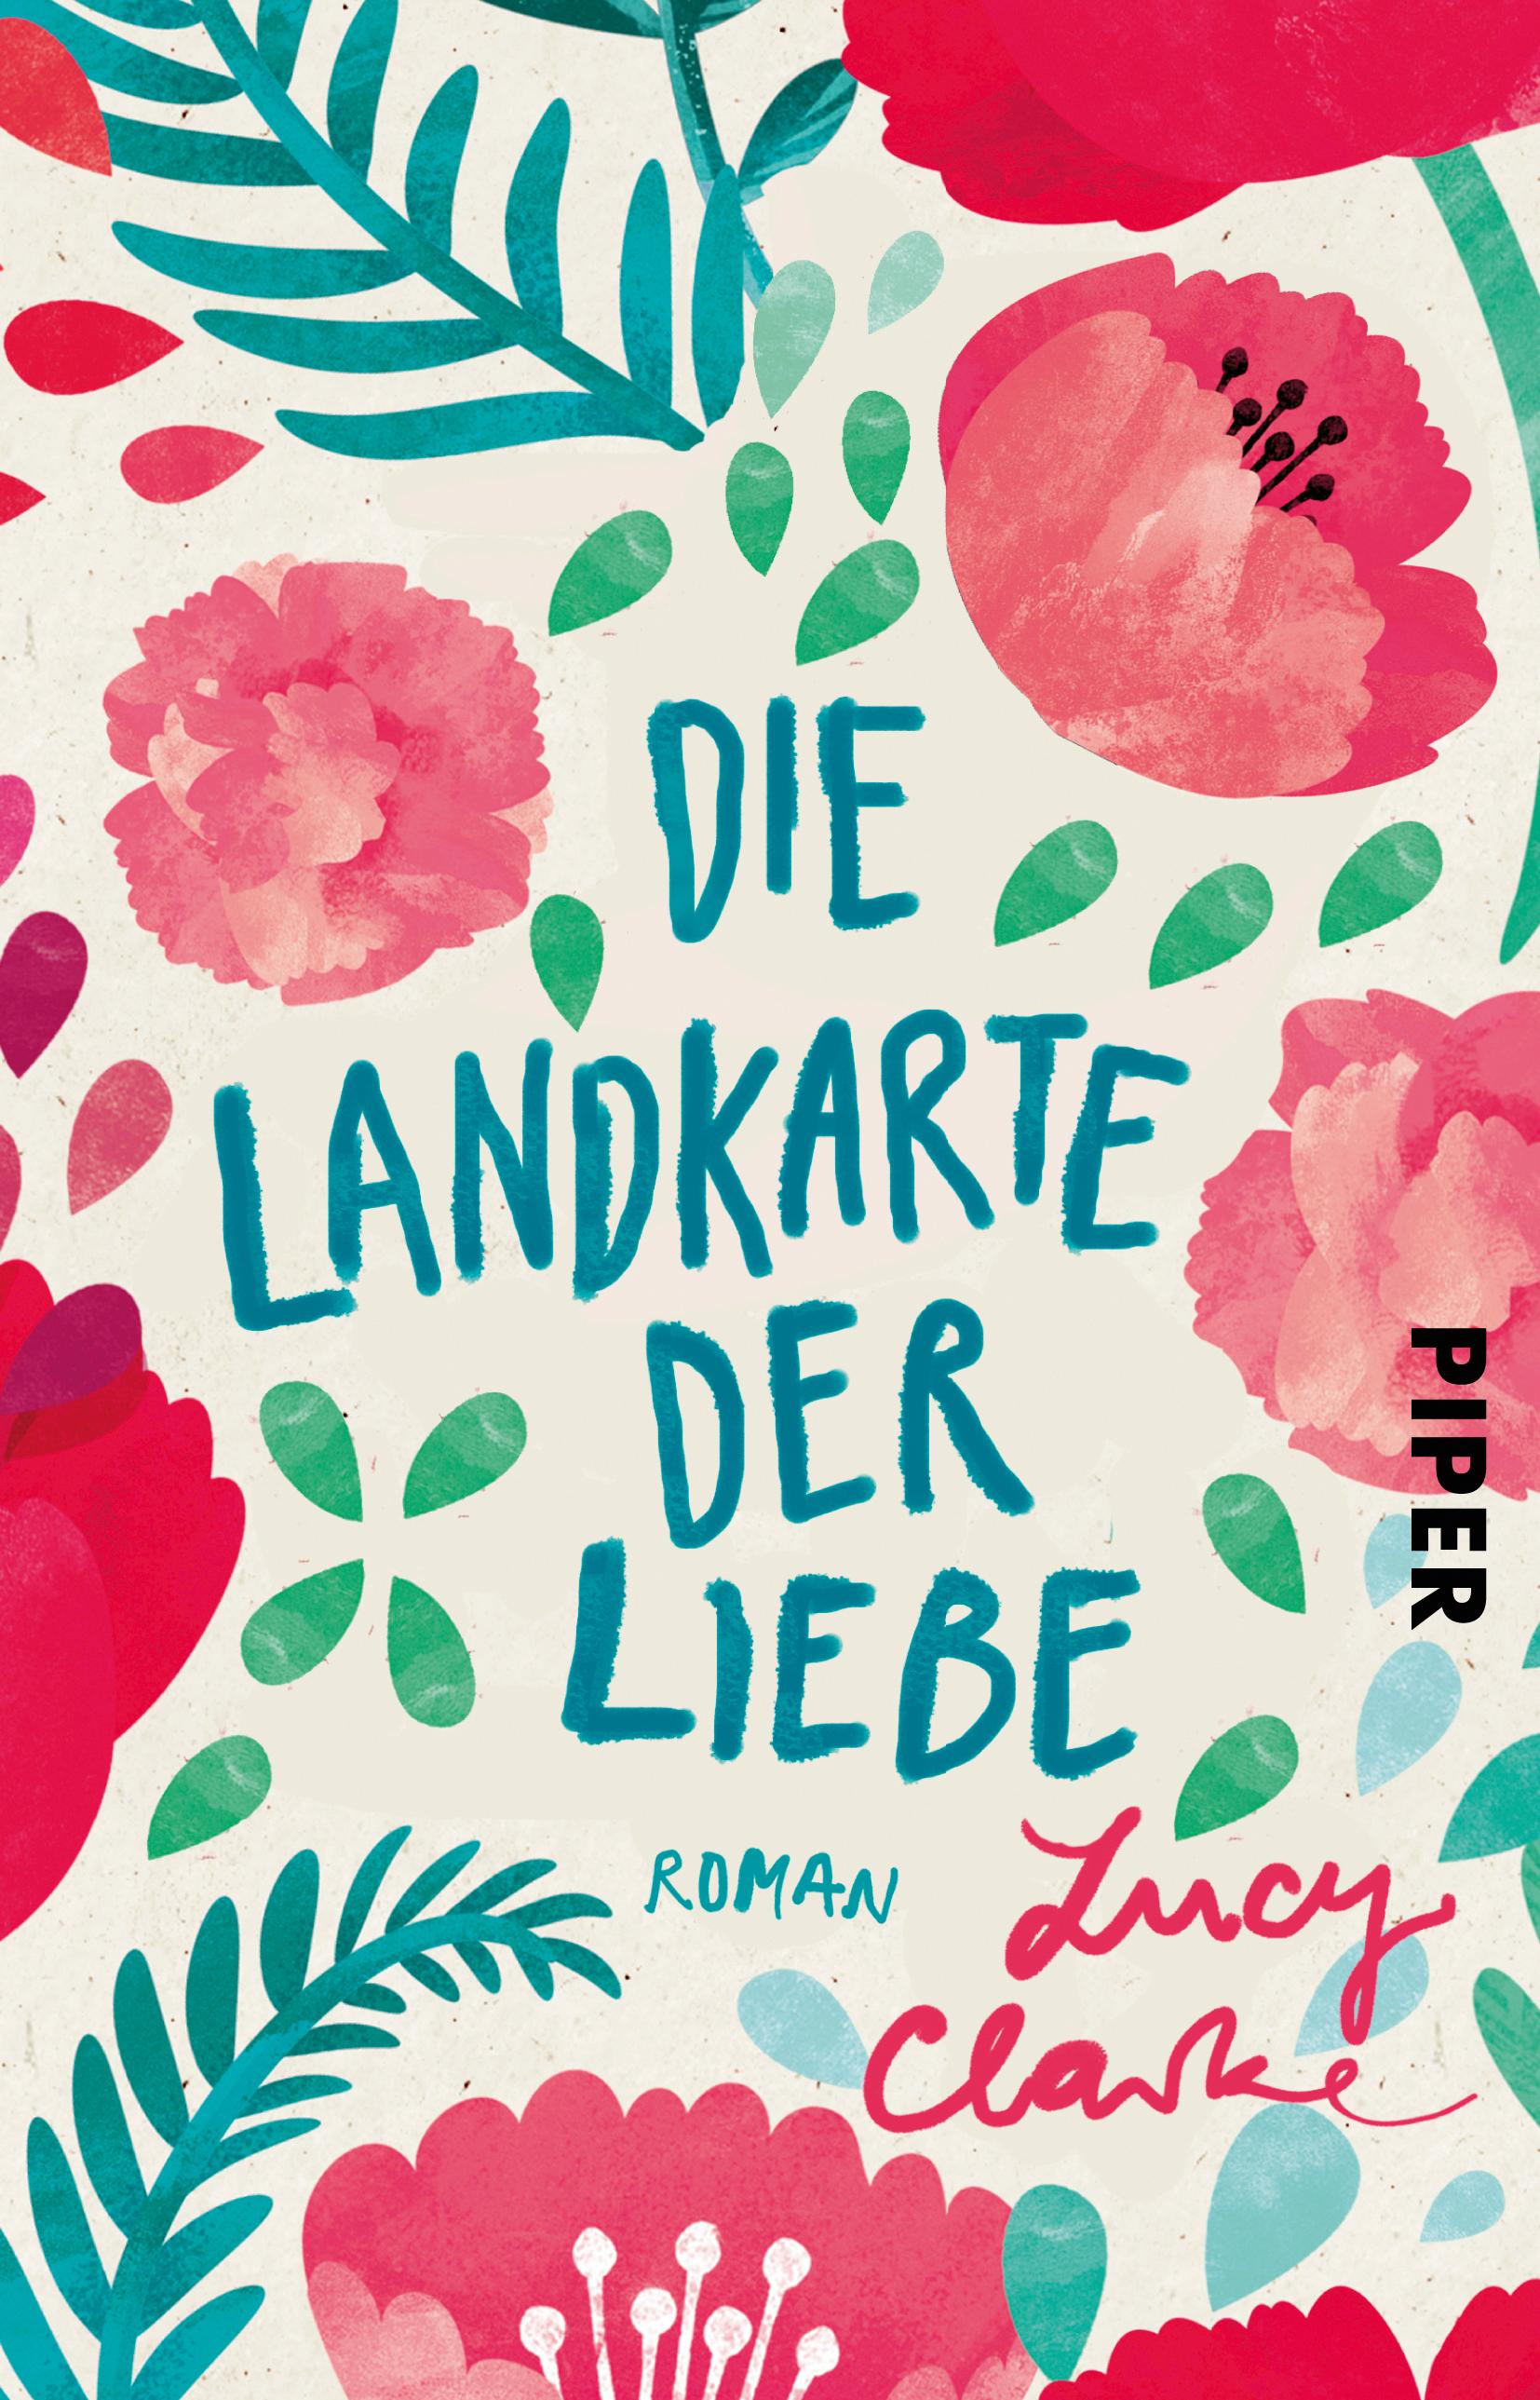 https://www.piper.de/buecher/die-landkarte-der-liebe-isbn-978-3-492-31100-7